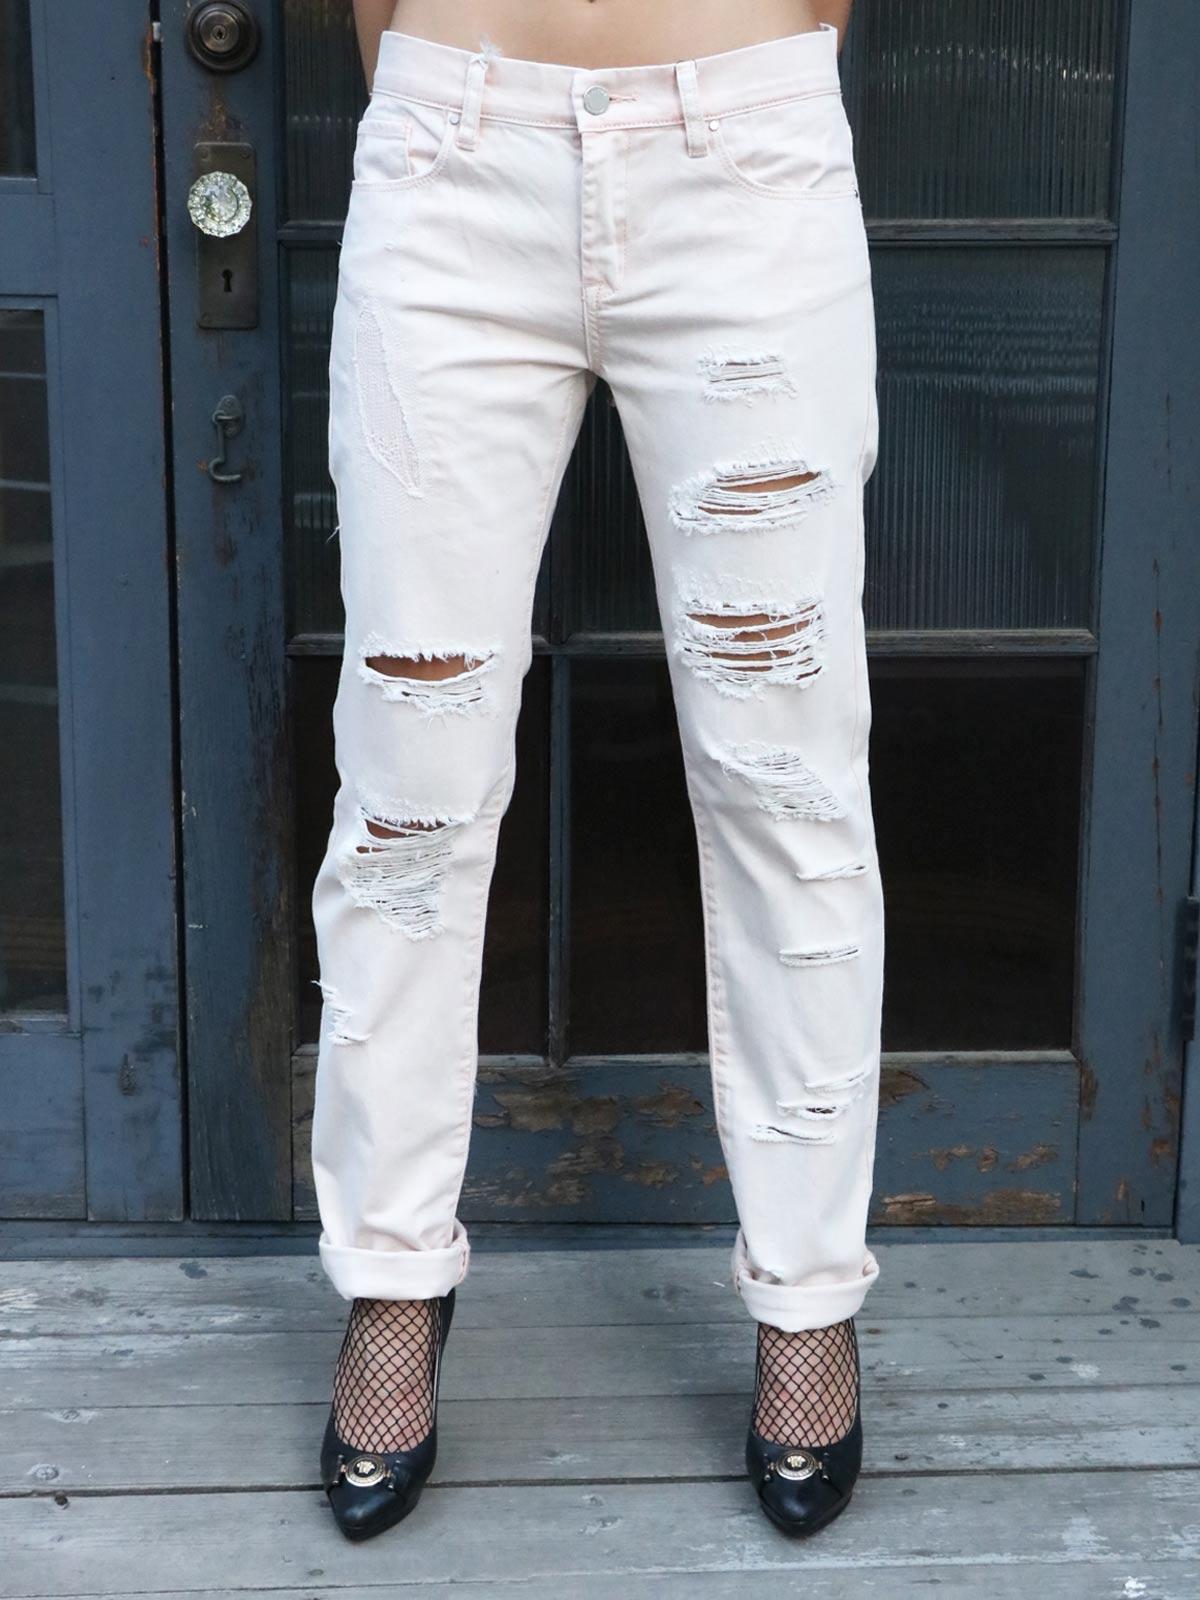 画像1: ★70%OFF★【BLANK NYC / ブランク】Dameged Boyfriend Jeans / ダメージボーイフレンドジーンズ[Vintage Pink] (1)